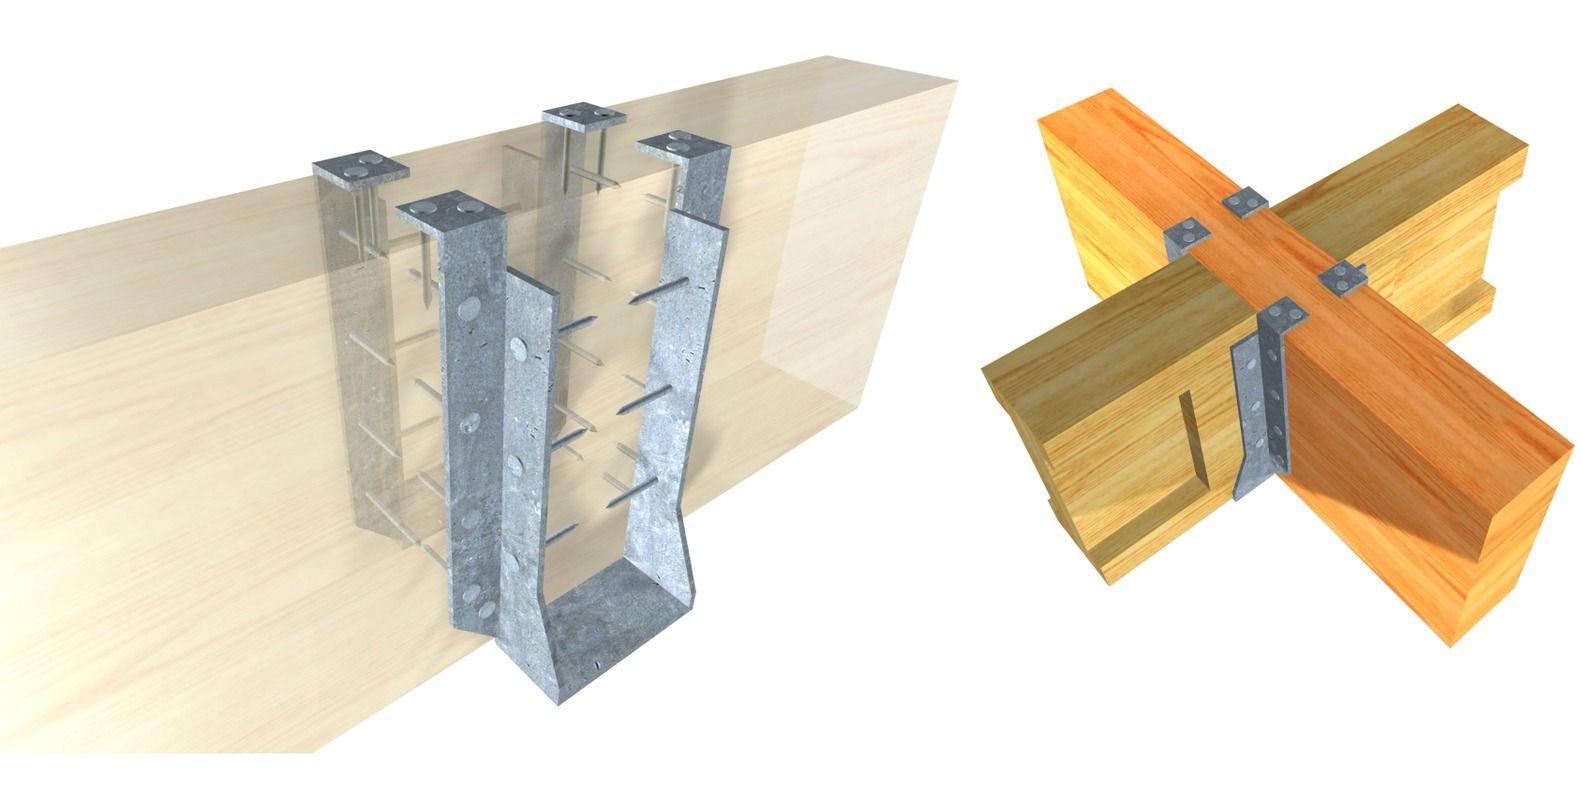 Galer a de 15 herrajes met licos para conectar estructuras - Estructura madera laminada ...